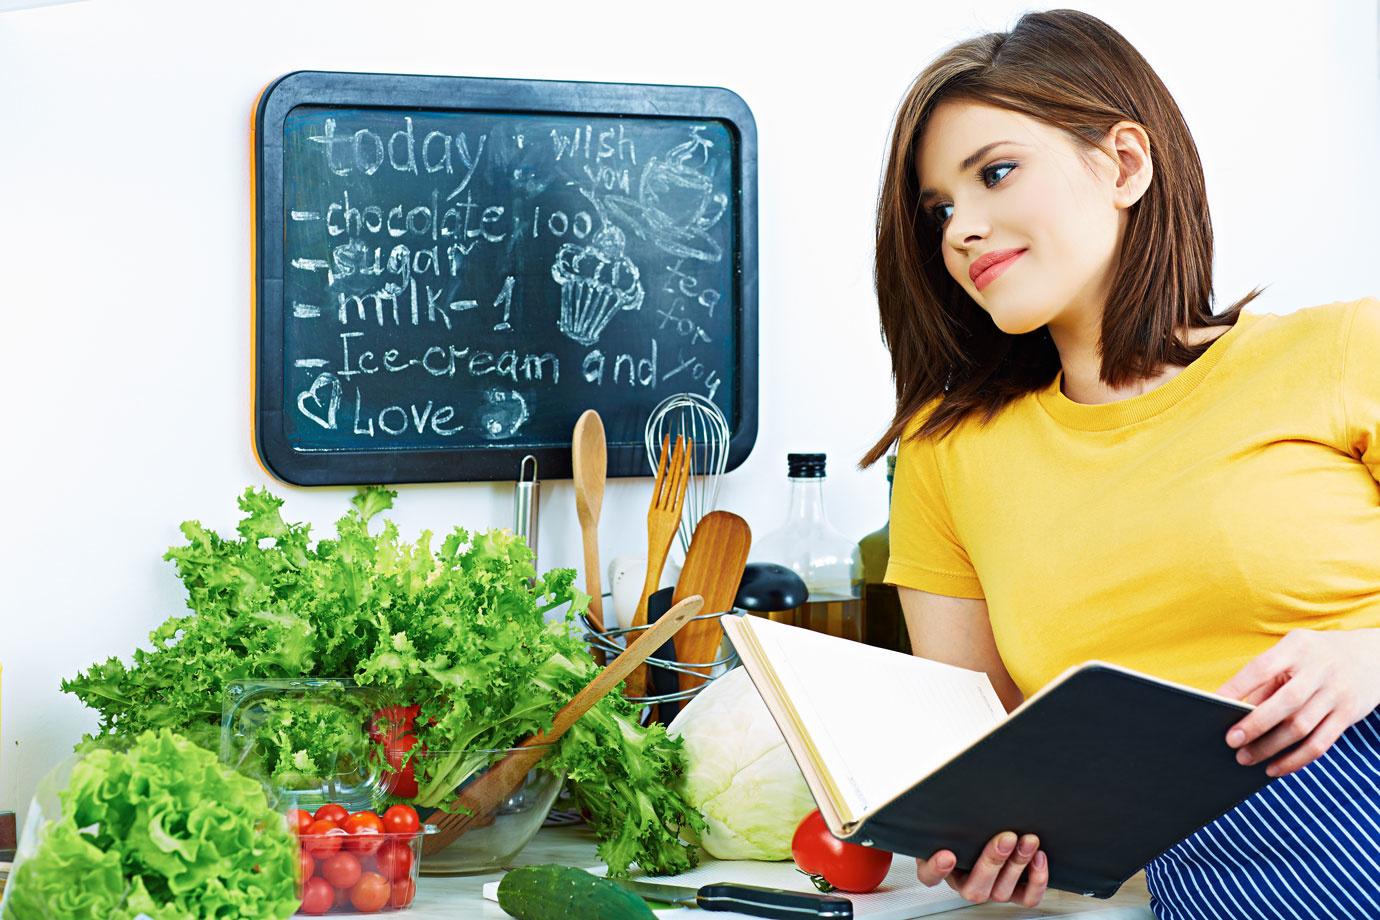 玉ねぎ・じゃがいもは冷蔵庫NG?!冷蔵庫に「入れるべきもの」「入れるべきでないもの」13選